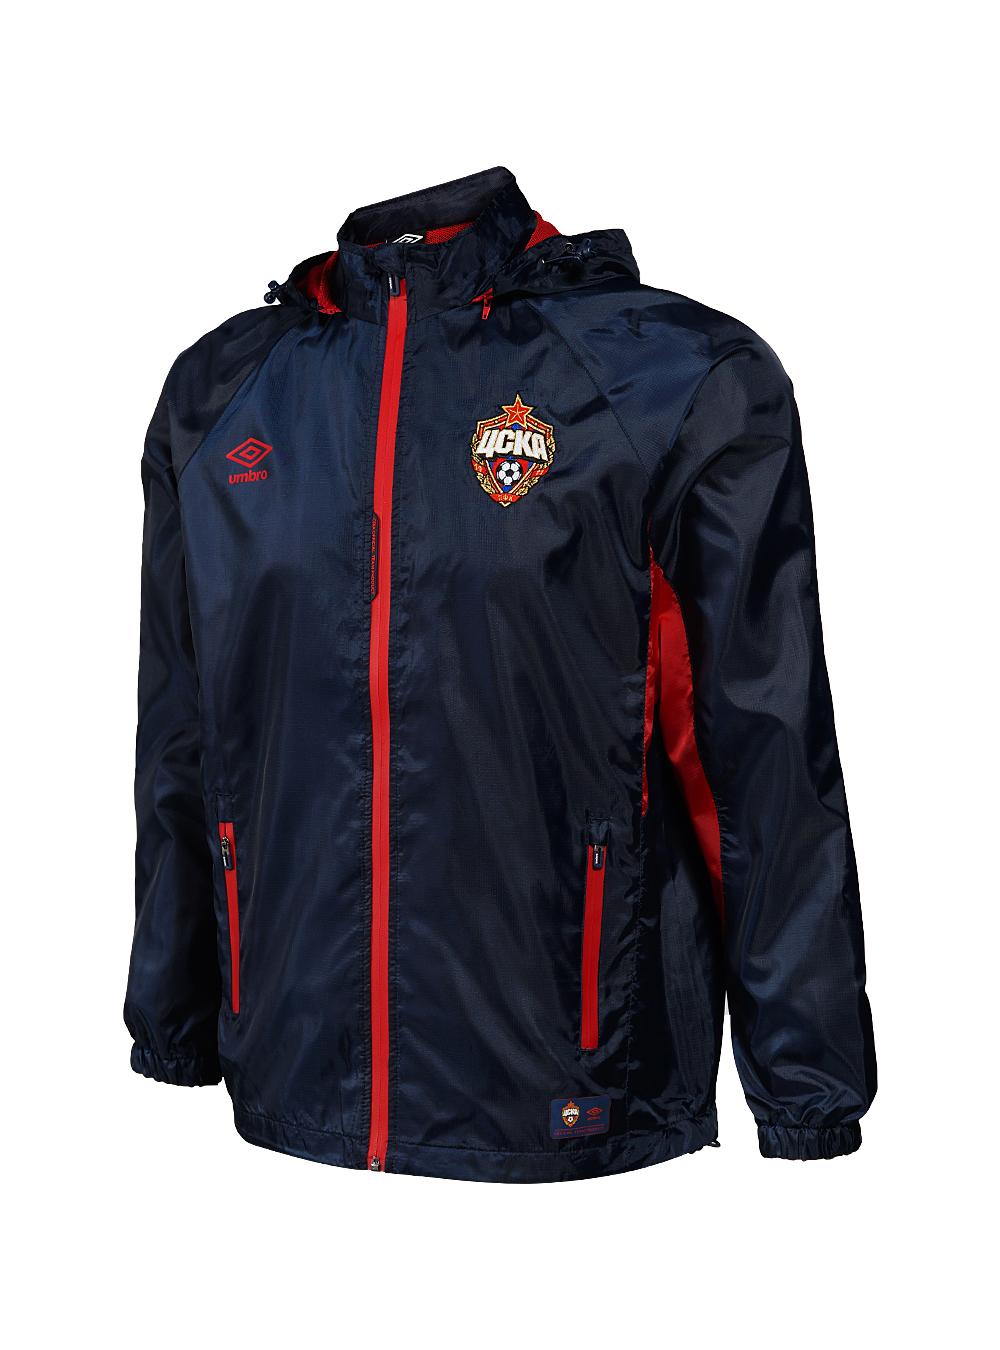 Купить Куртка ветрозащитная синяя (XS) по Нижнему Новгороду